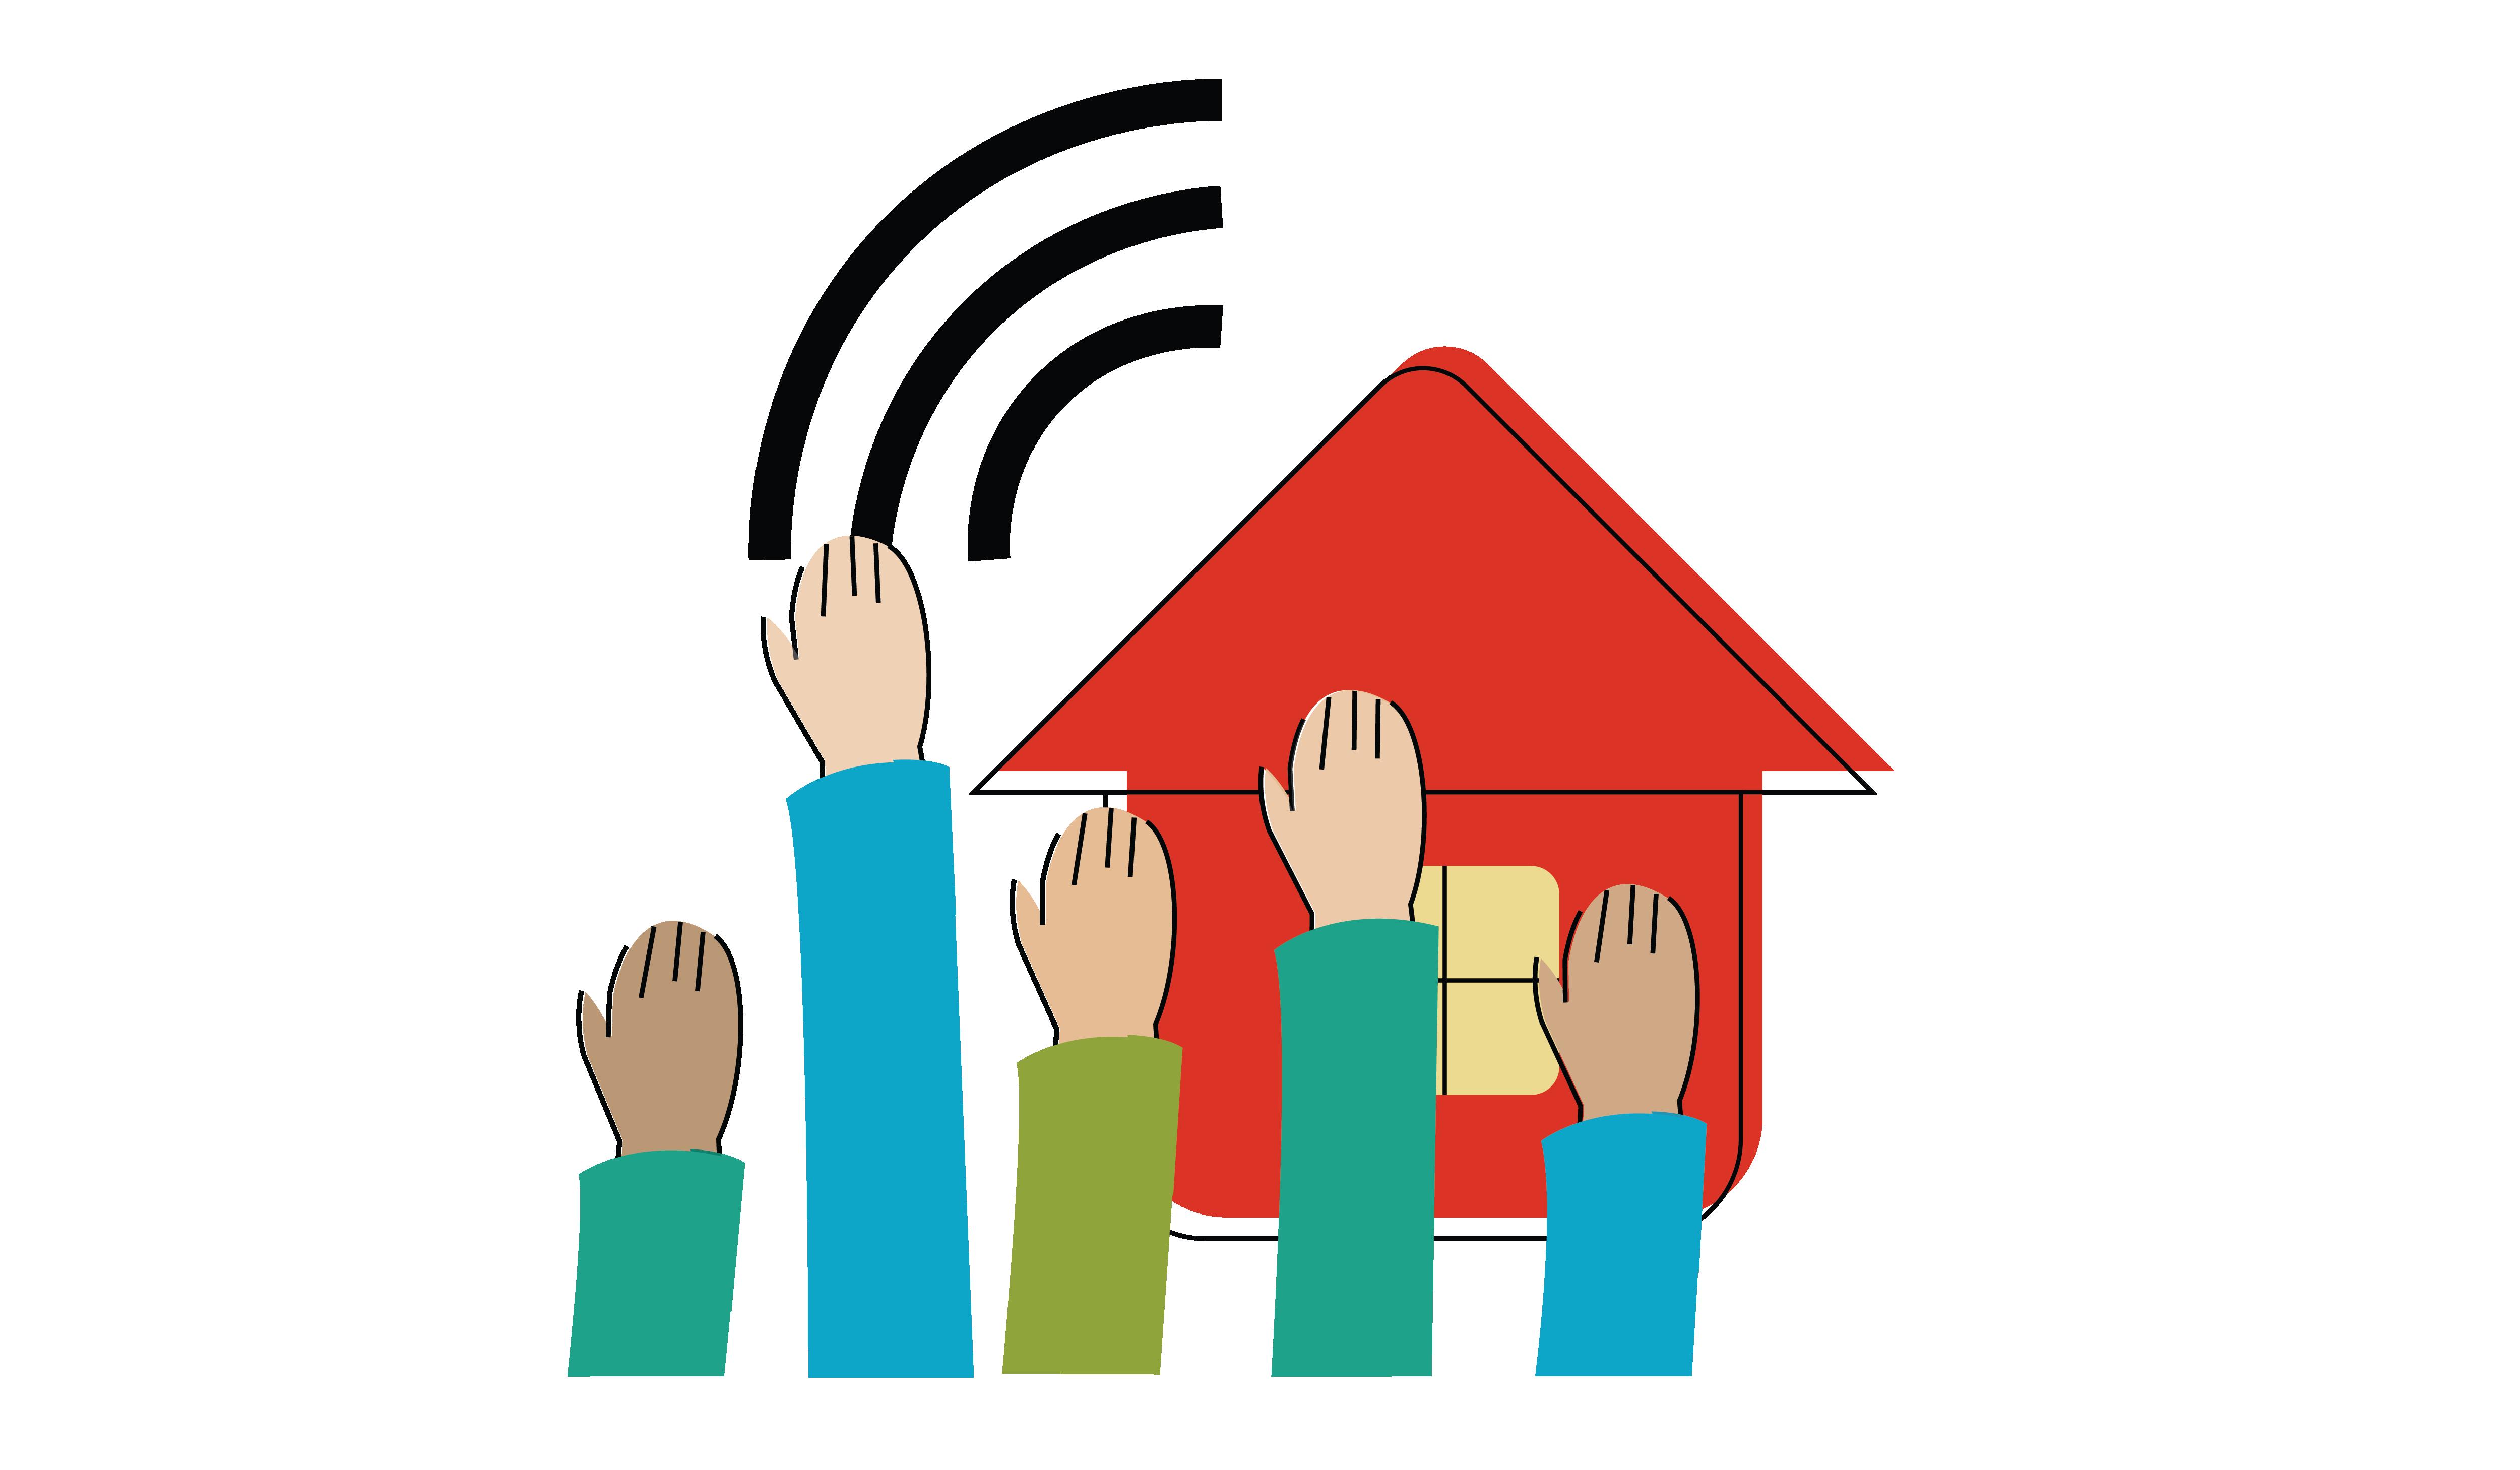 Remote Volunteer Recruitment Checklist